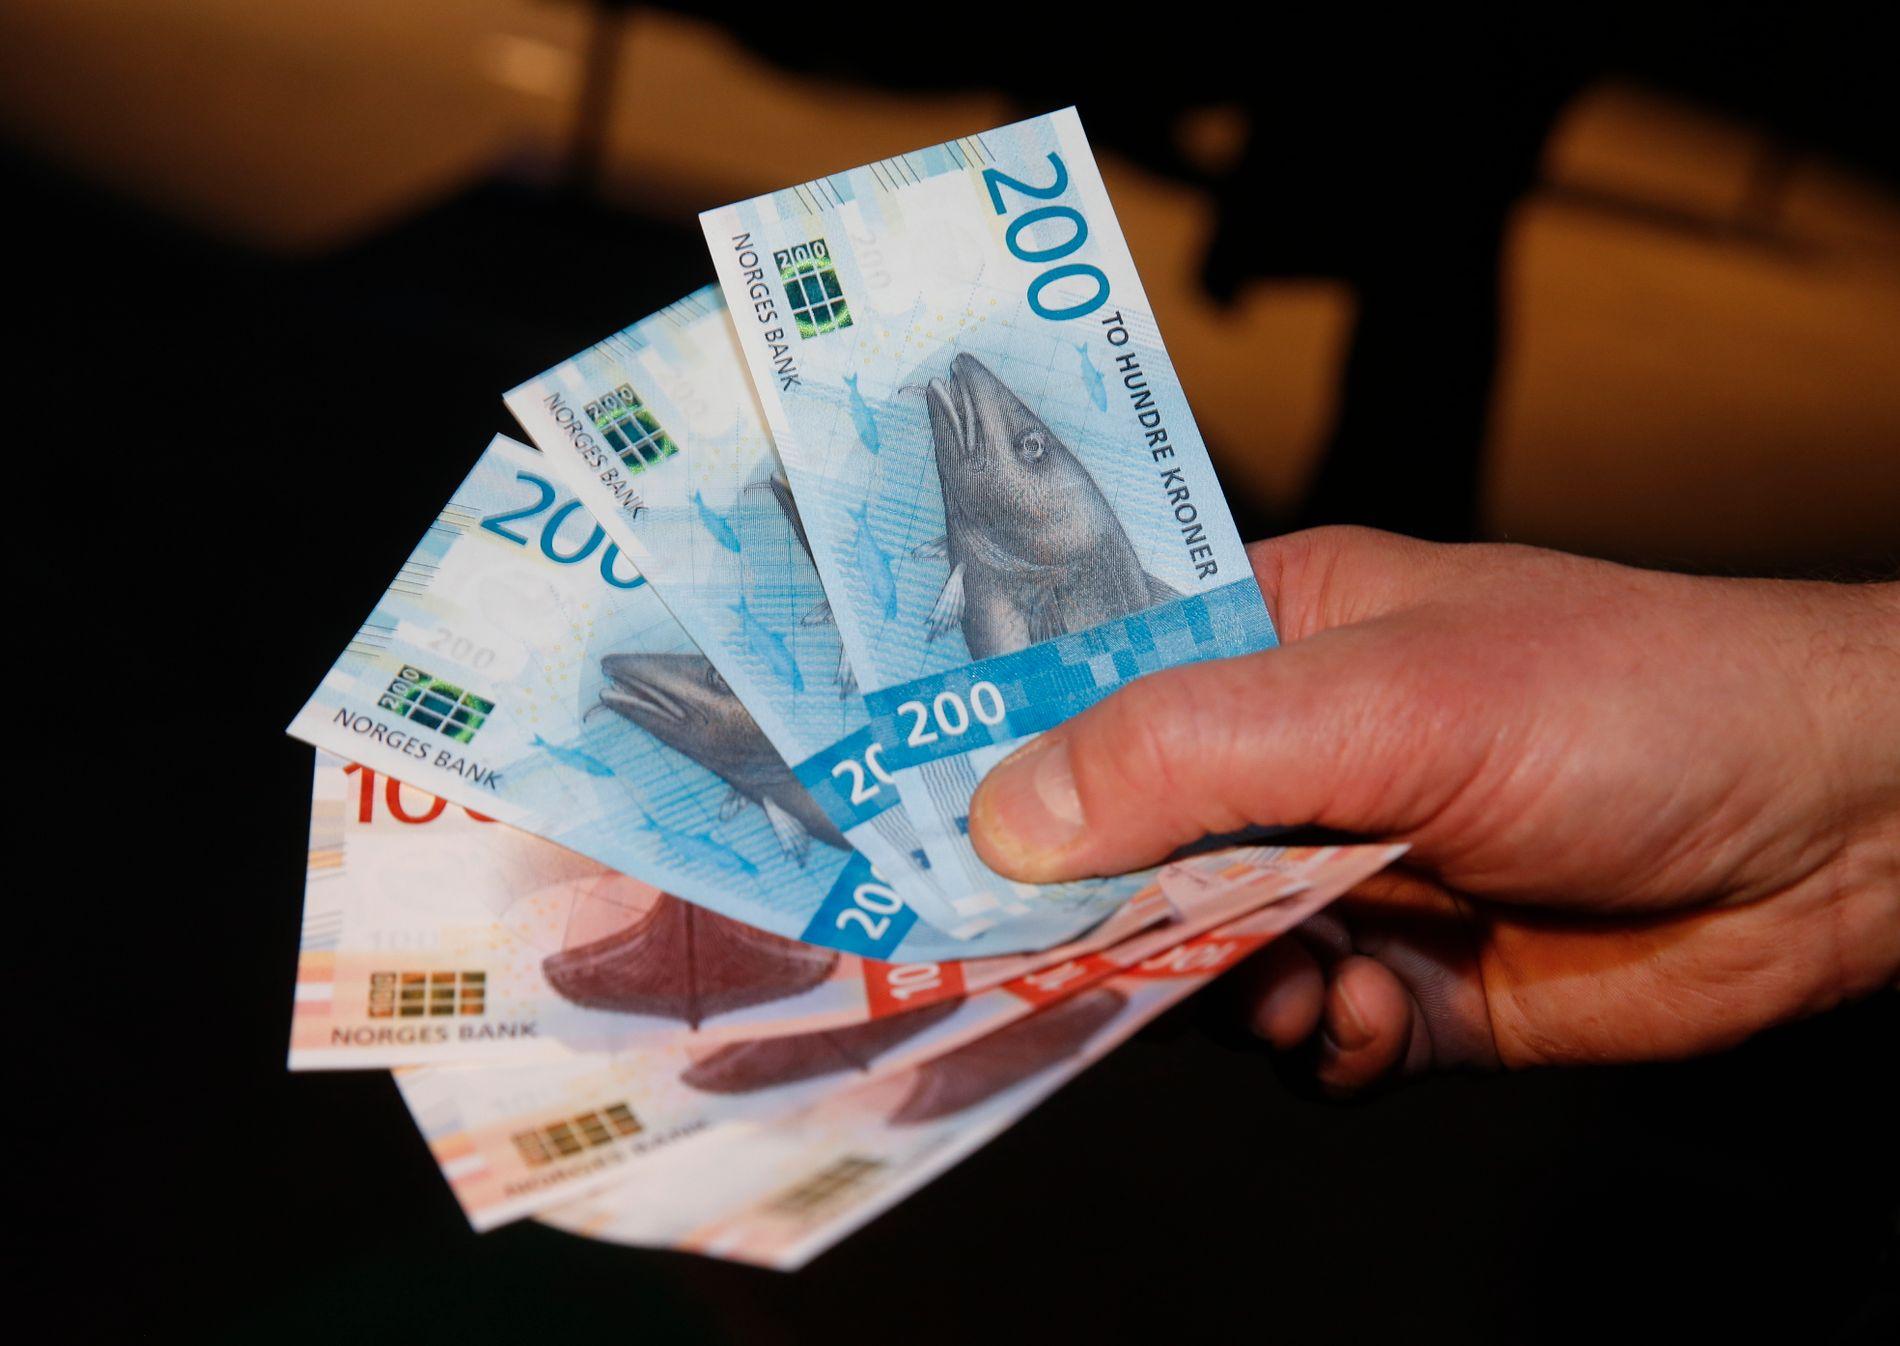 STORE PENGER PÅ SPILL: Samtidig som myndighetene ønsker å bevare spillmonopolet, har de utenlandske spillselskapene fått et solid fotfeste i det norske markedet.